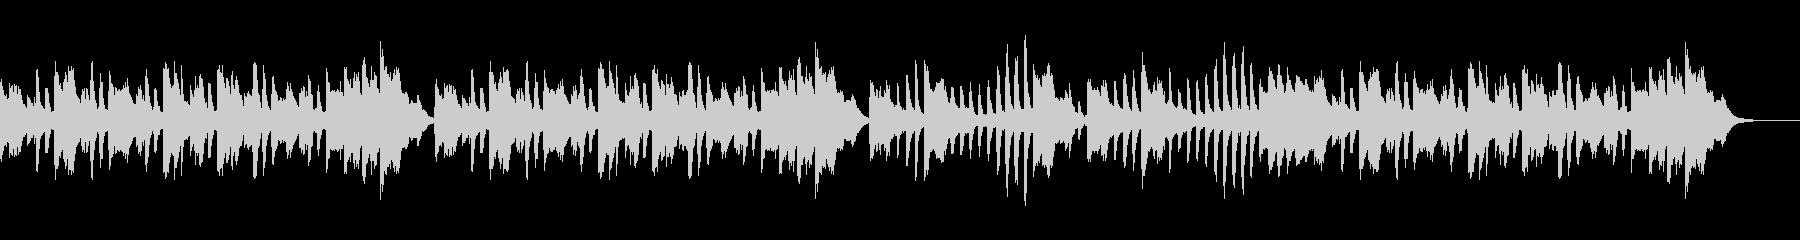 ピアノ練習曲/ブルグミュラー優しく美しくの未再生の波形